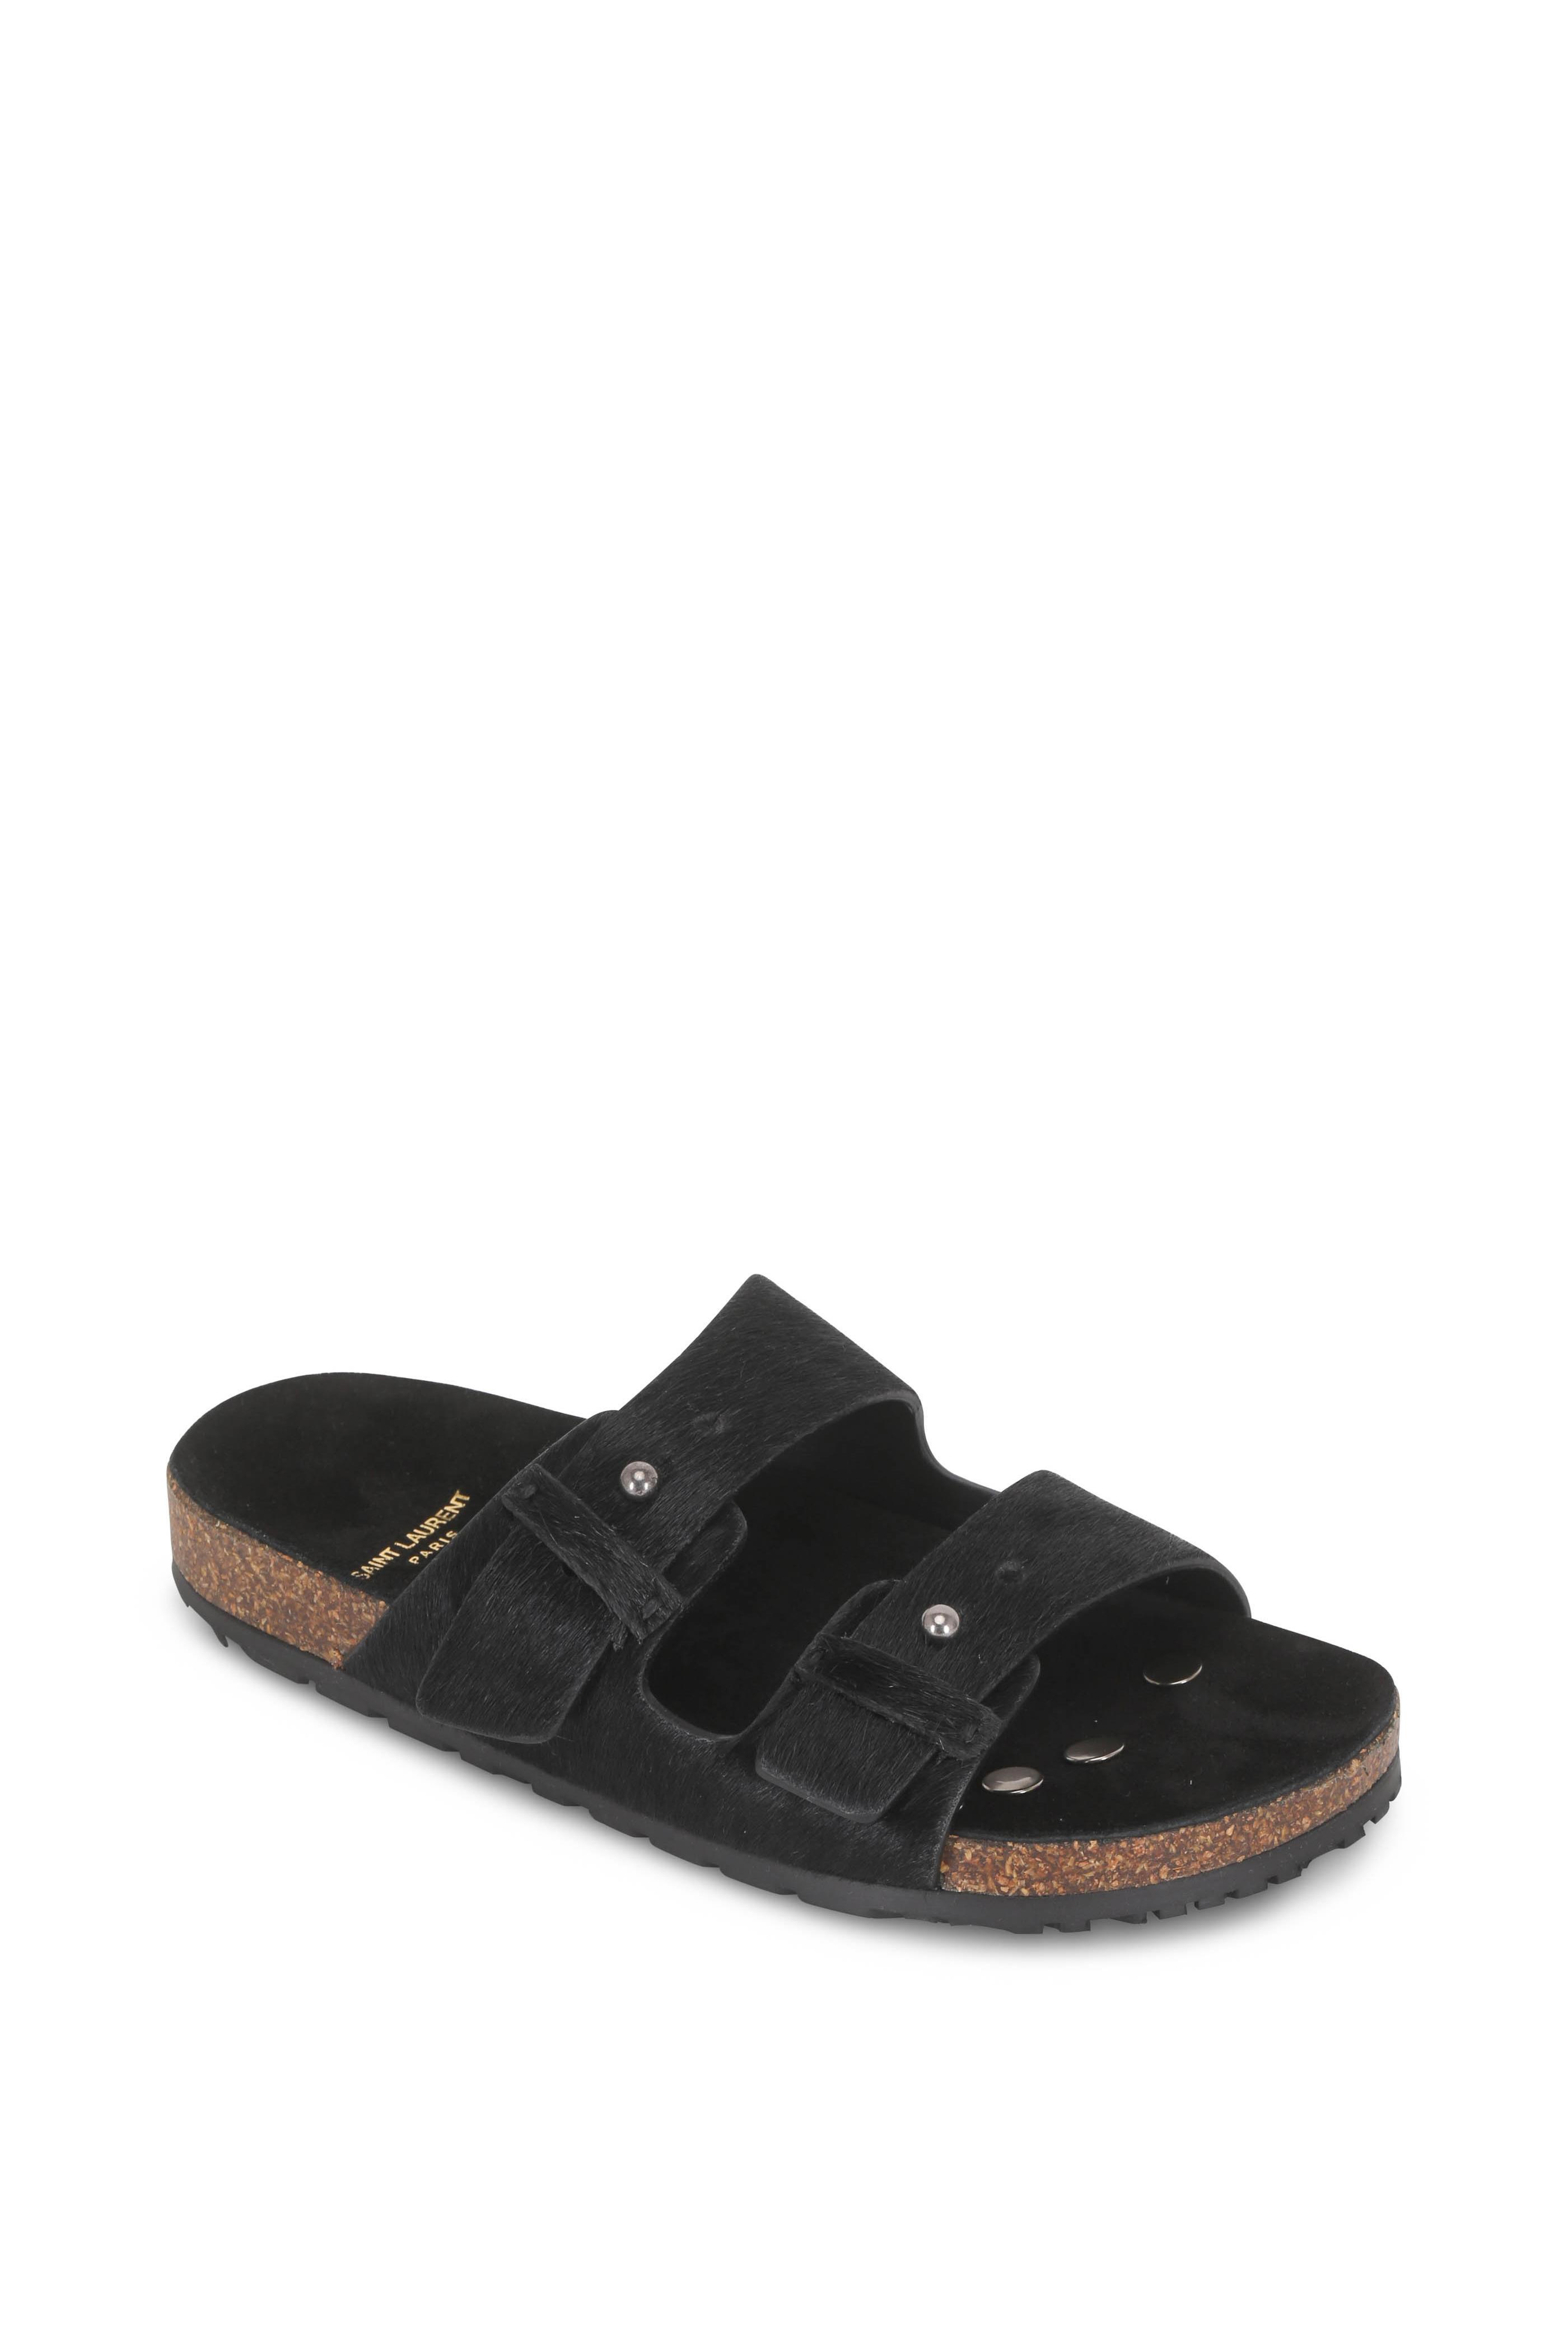 ece307387 Saint Laurent - Jimmy 2Bridle Black Calf-Hair Slide